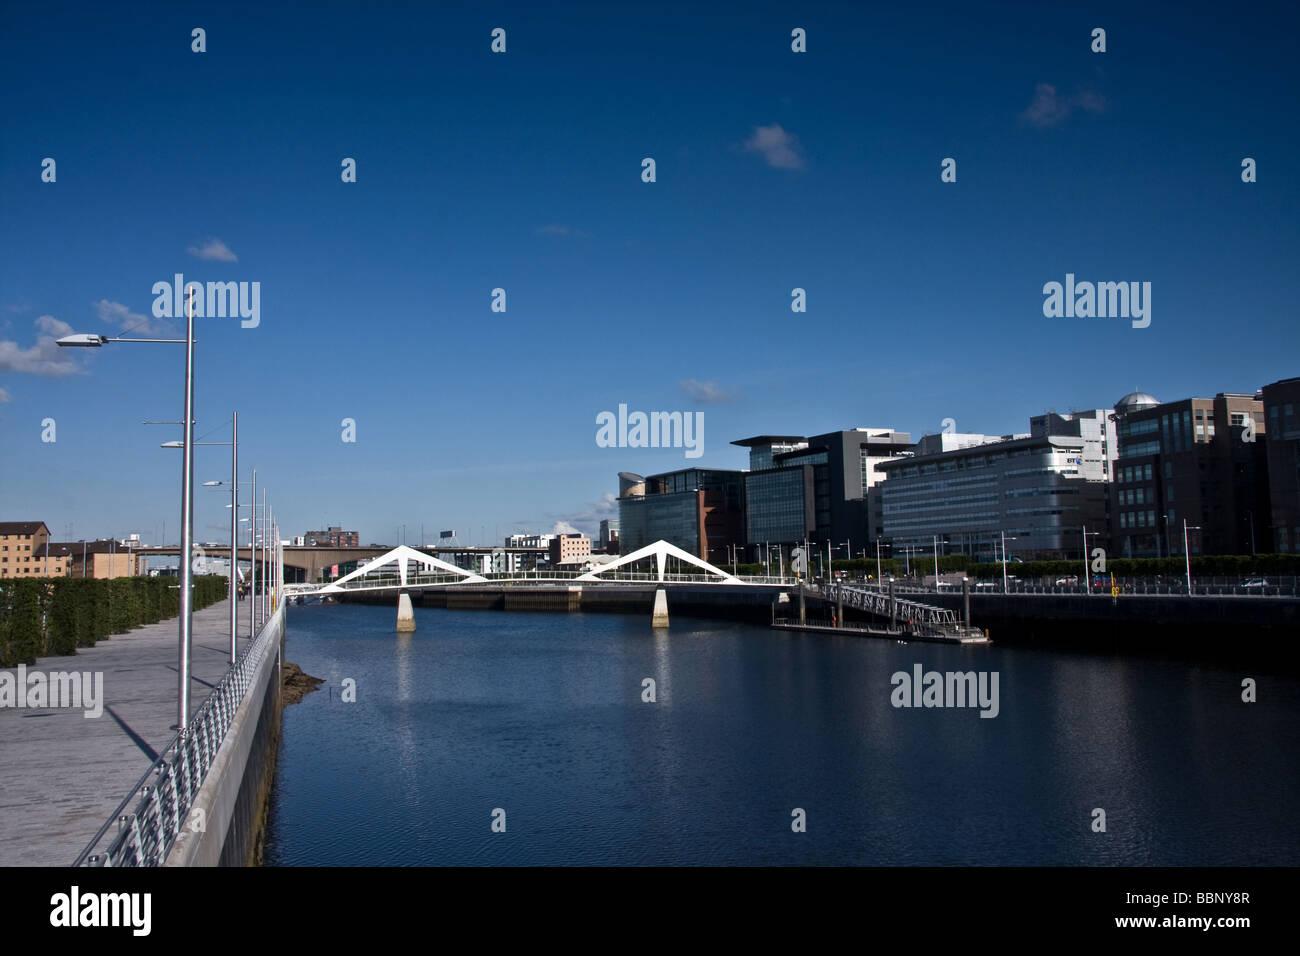 Squiggly Tradeston Pont de jour reliant le quartier financier du centre-ville de Glasgow avec le secteur sud. Banque D'Images